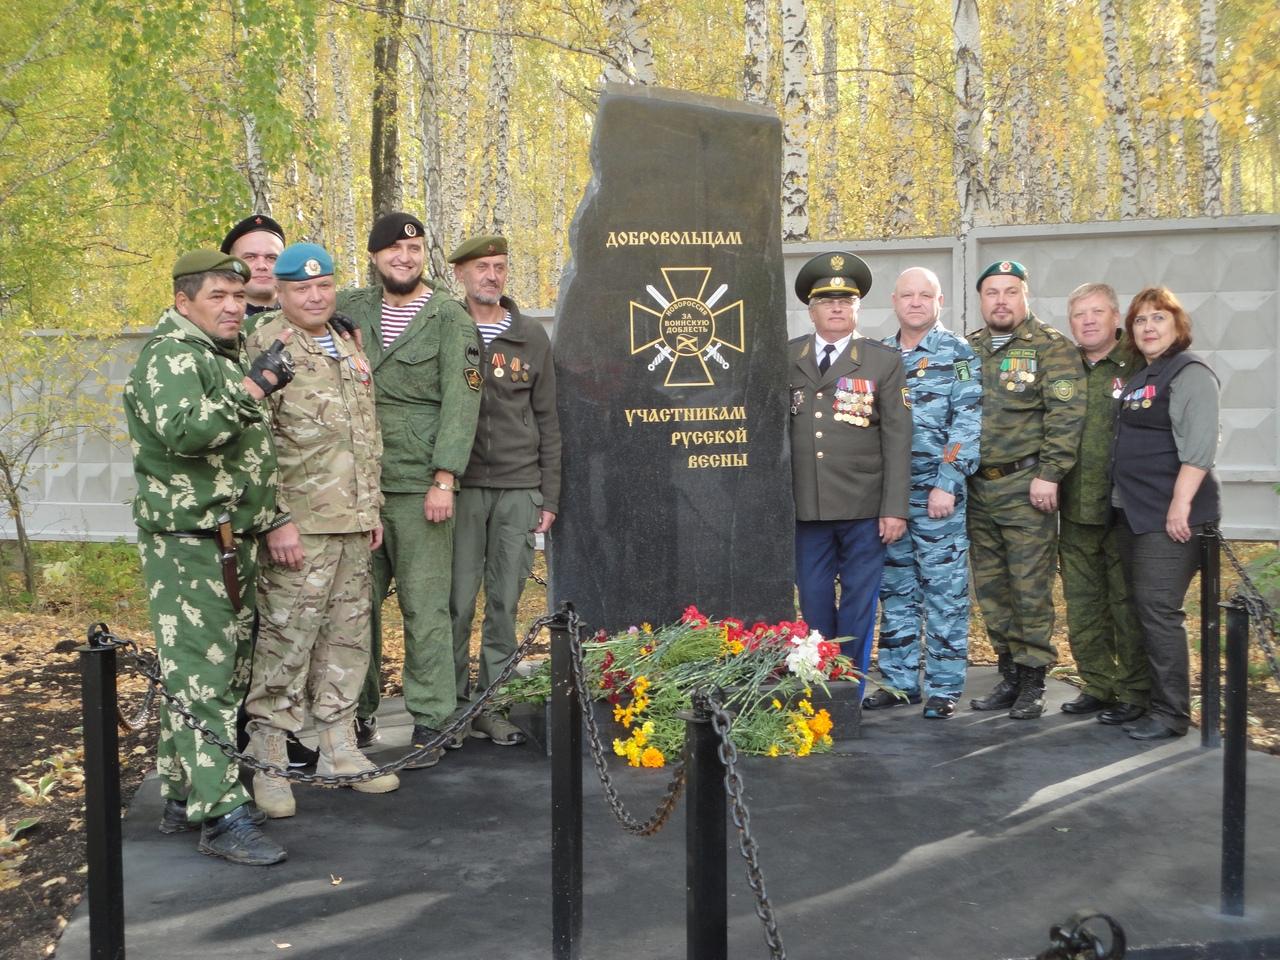 В Челябинске открыли памятник добровольцам - участникам «Русской весны». Плиту из черного мрамора